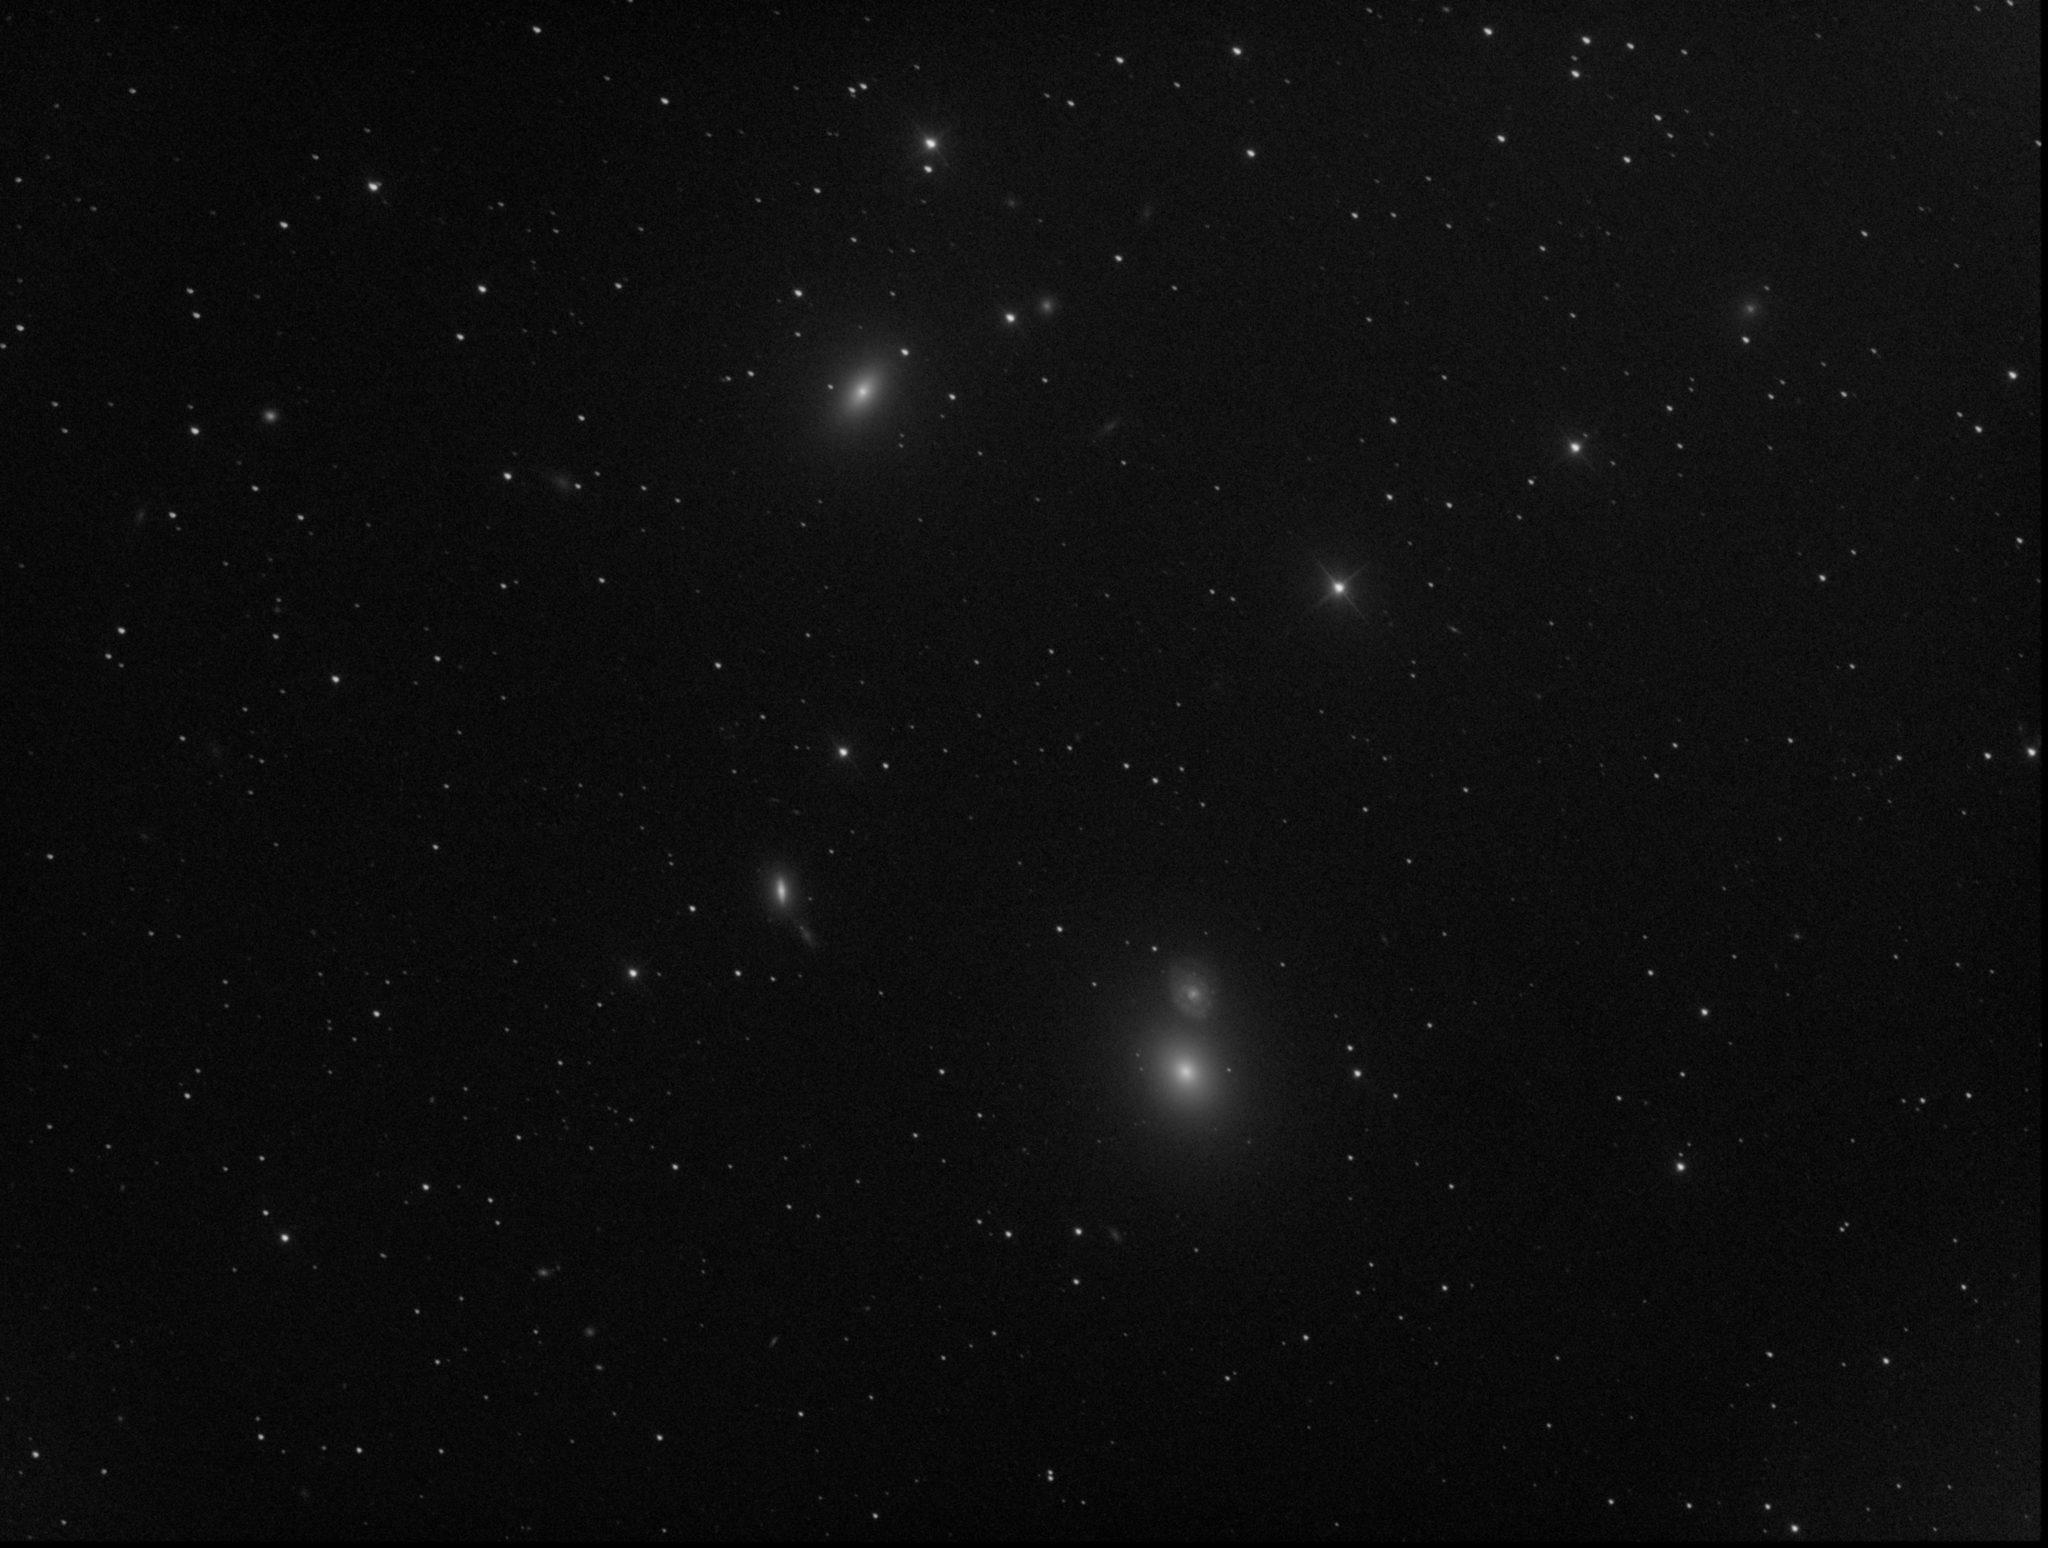 Messier 59 (en haut à gauche) et Messier 60 (en bas à droite)